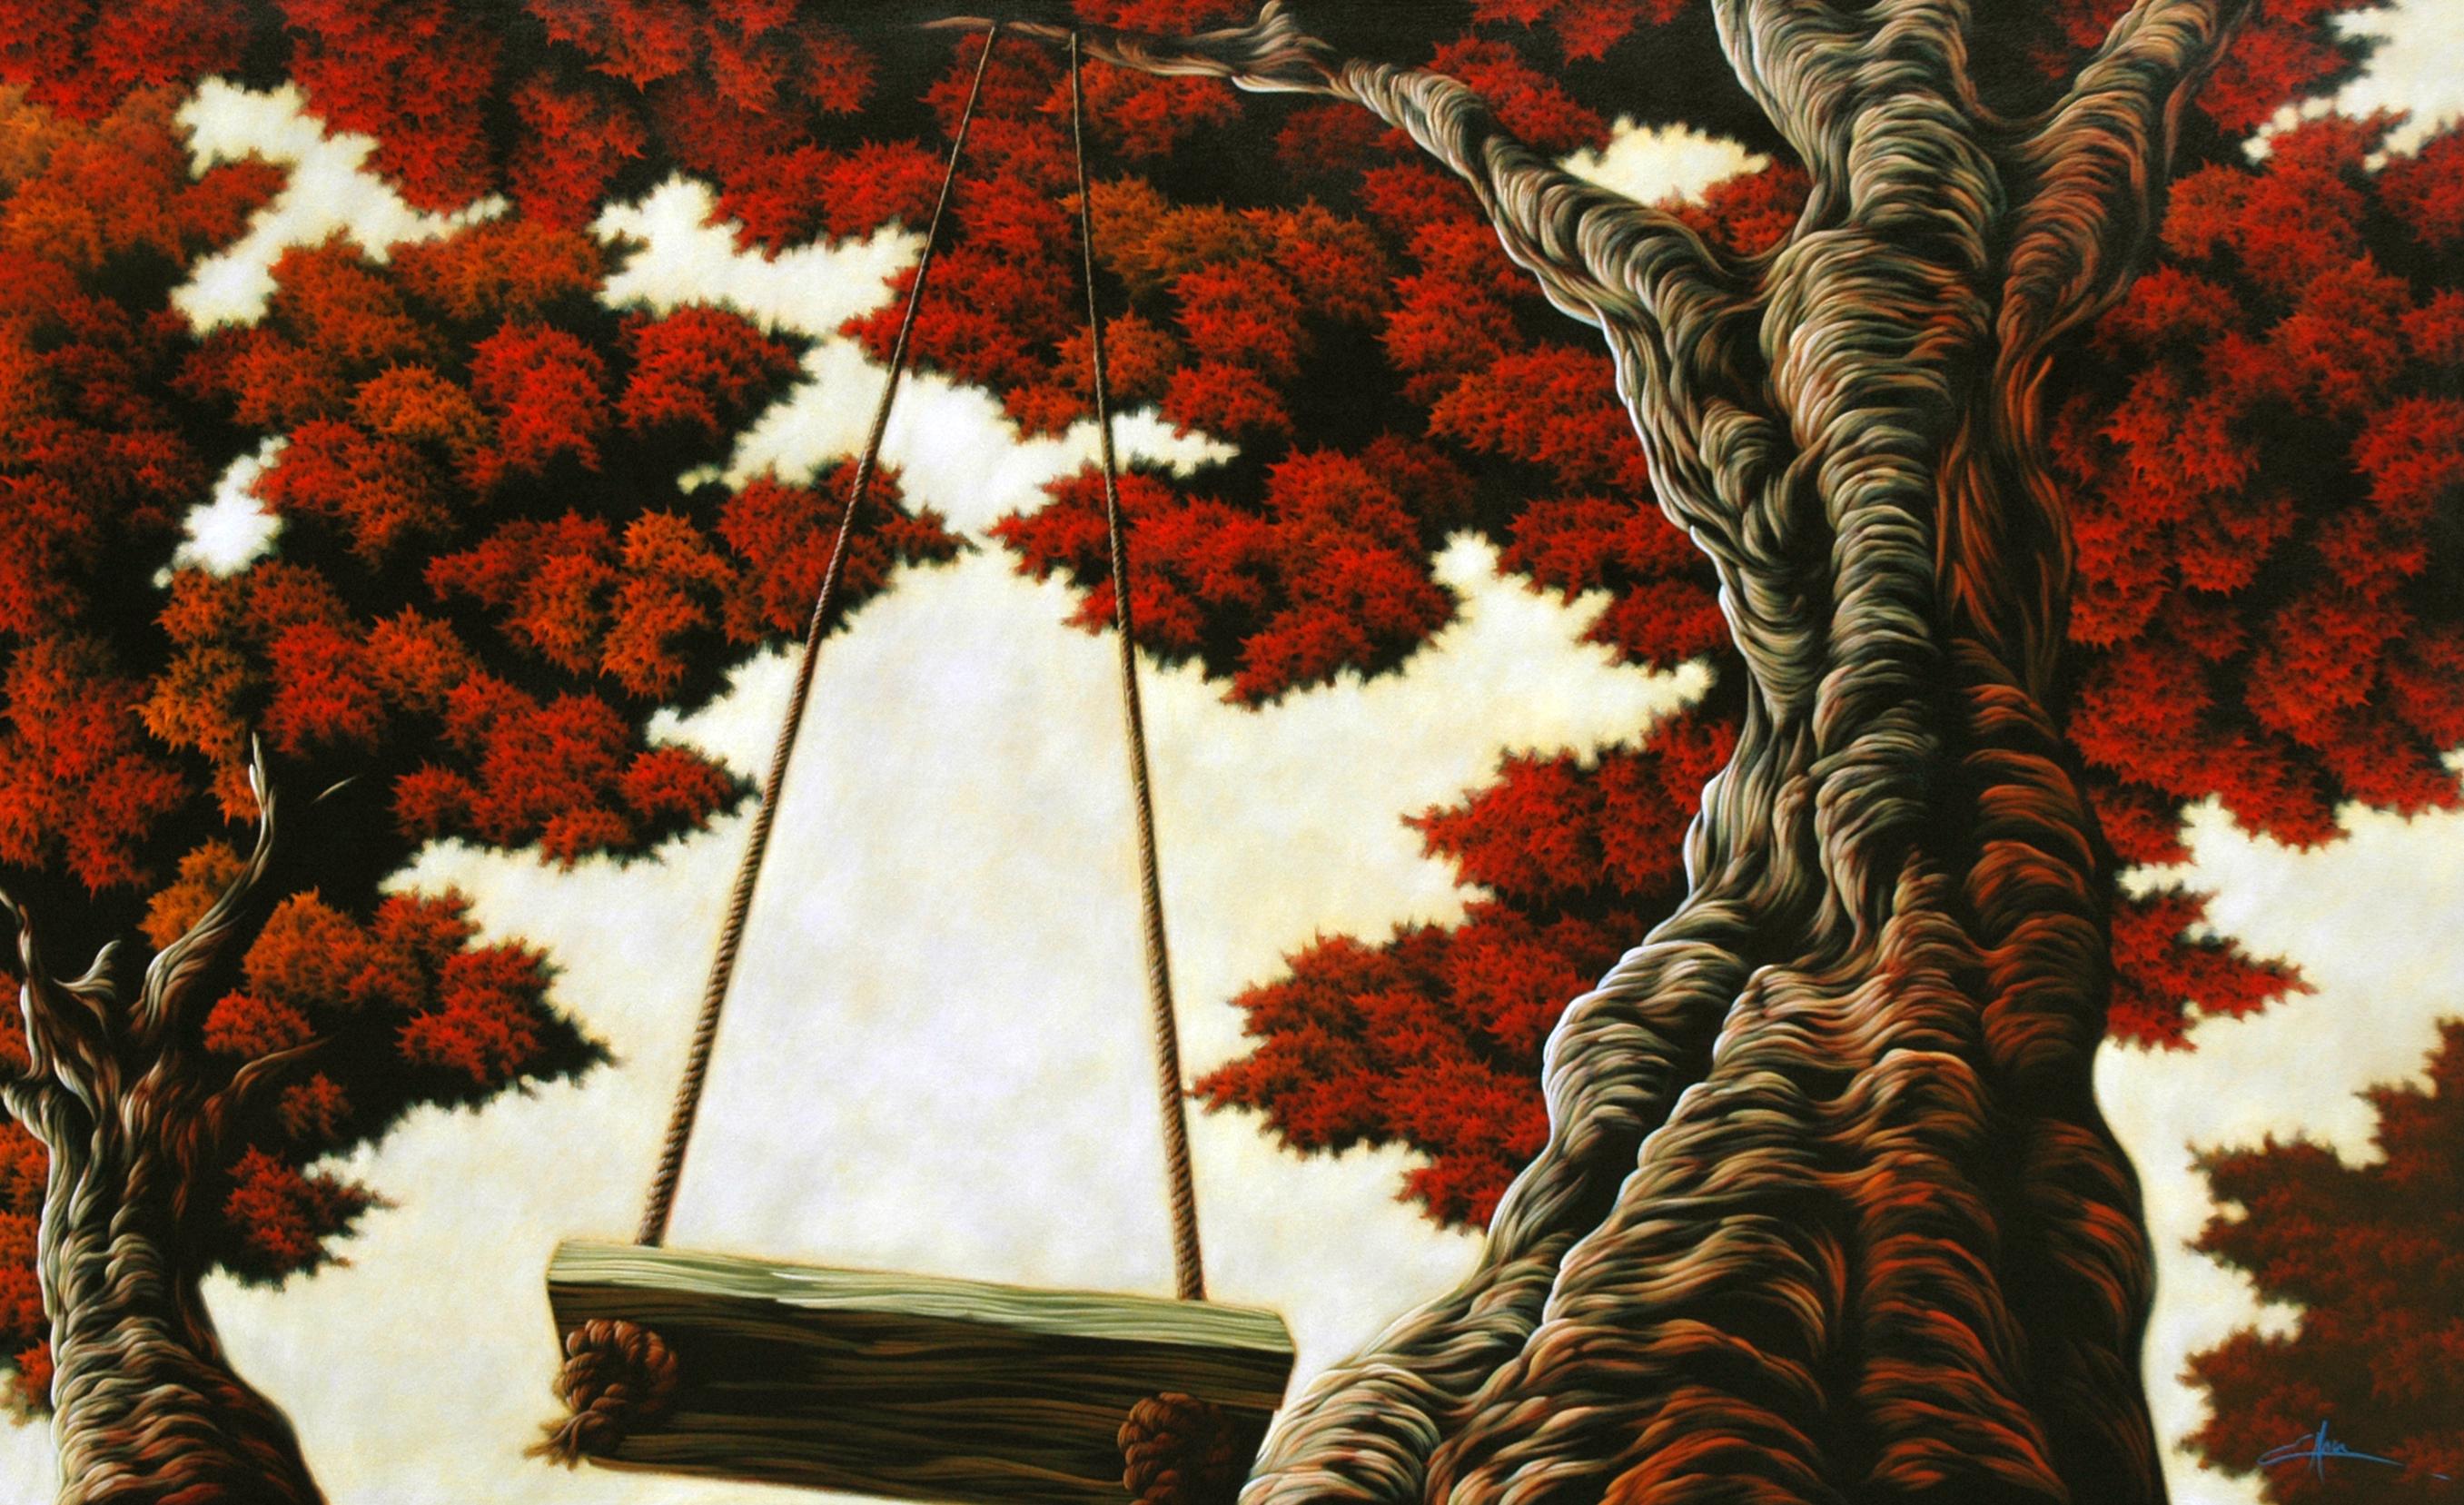 Tree Swing #4